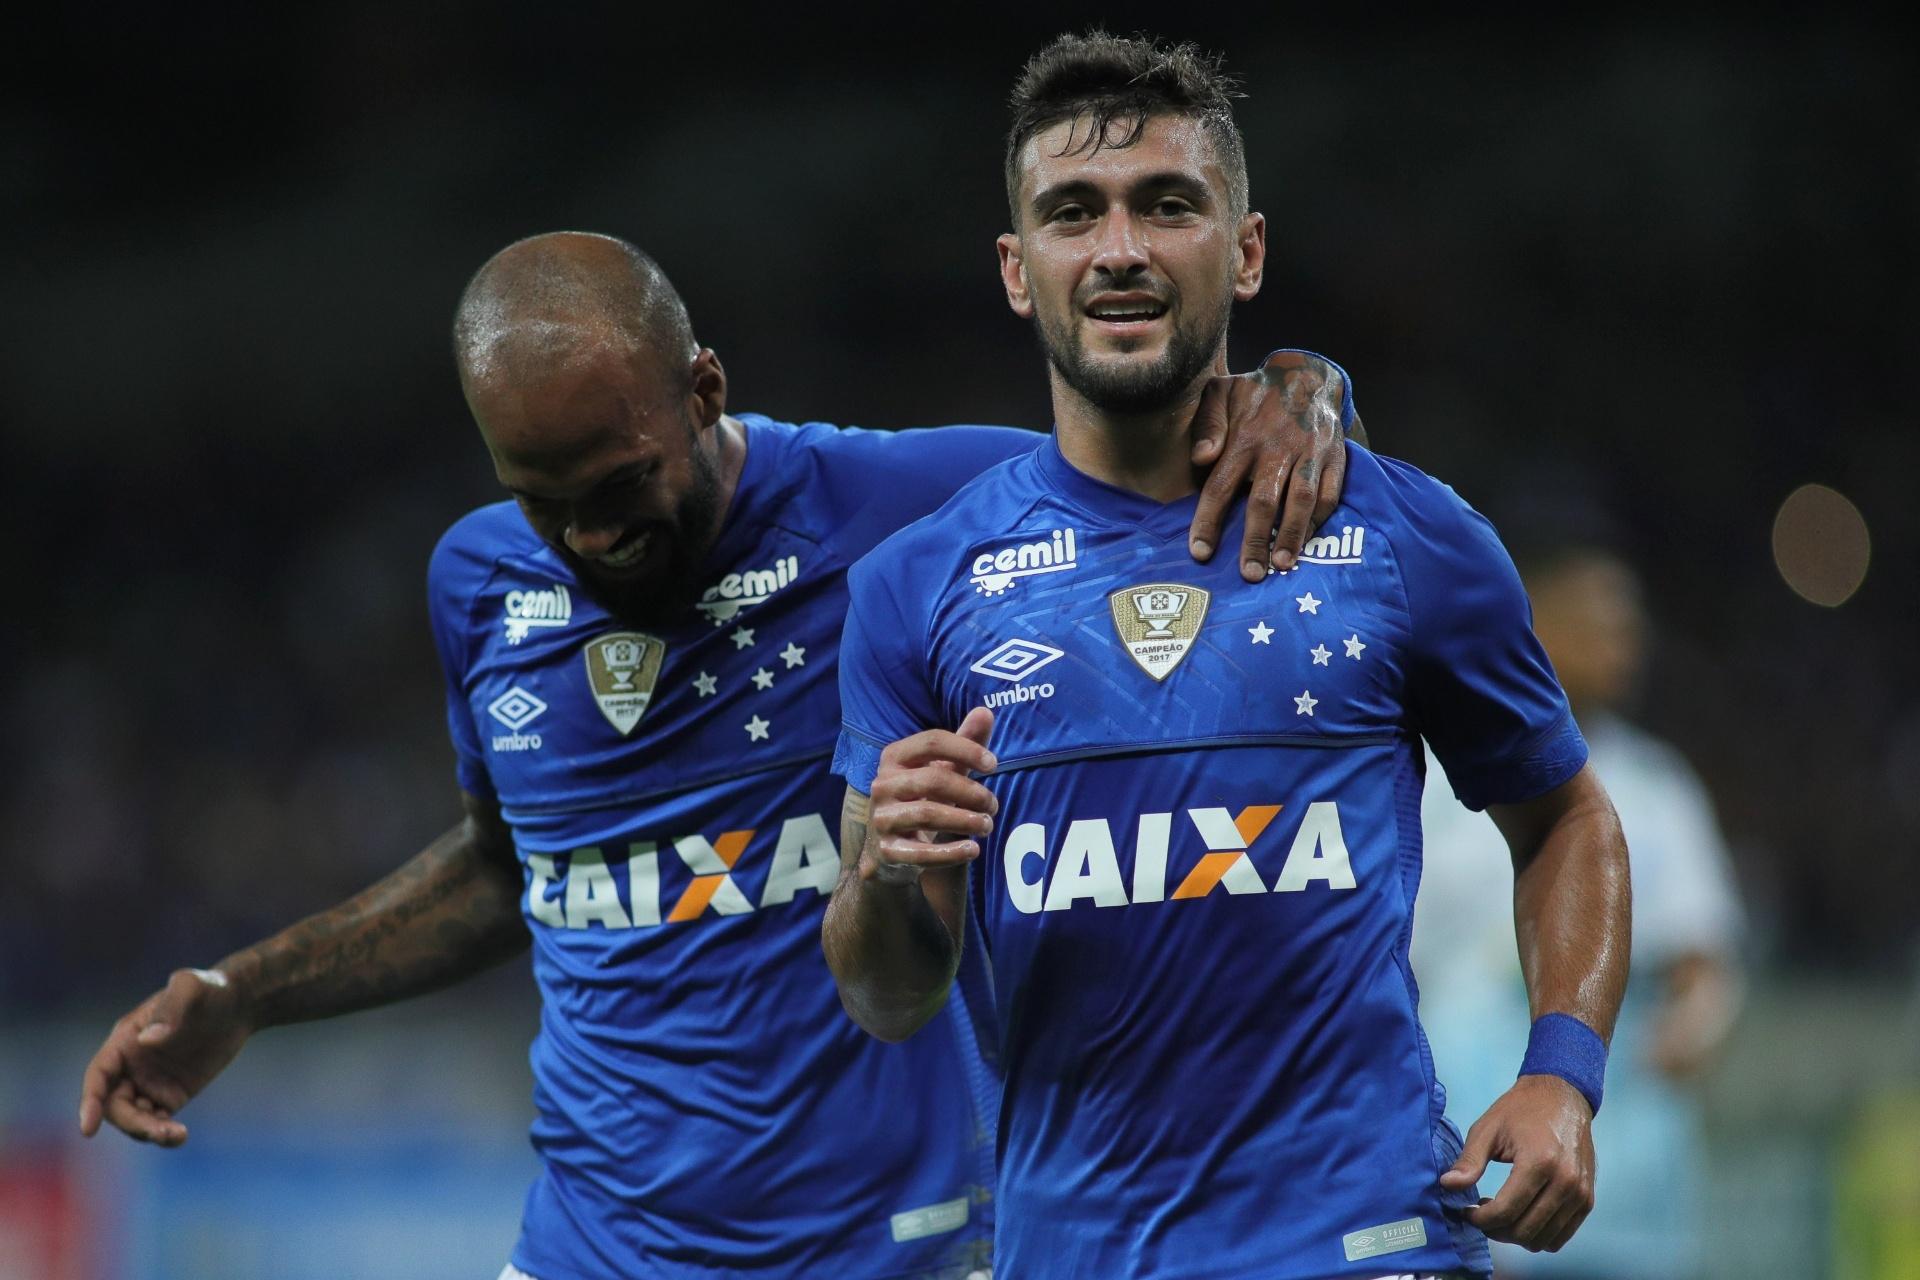 Arrascaeta evolui após renovar com Cruzeiro e assédio do exterior aumenta -  Esporte - BOL faa80ac7900a8